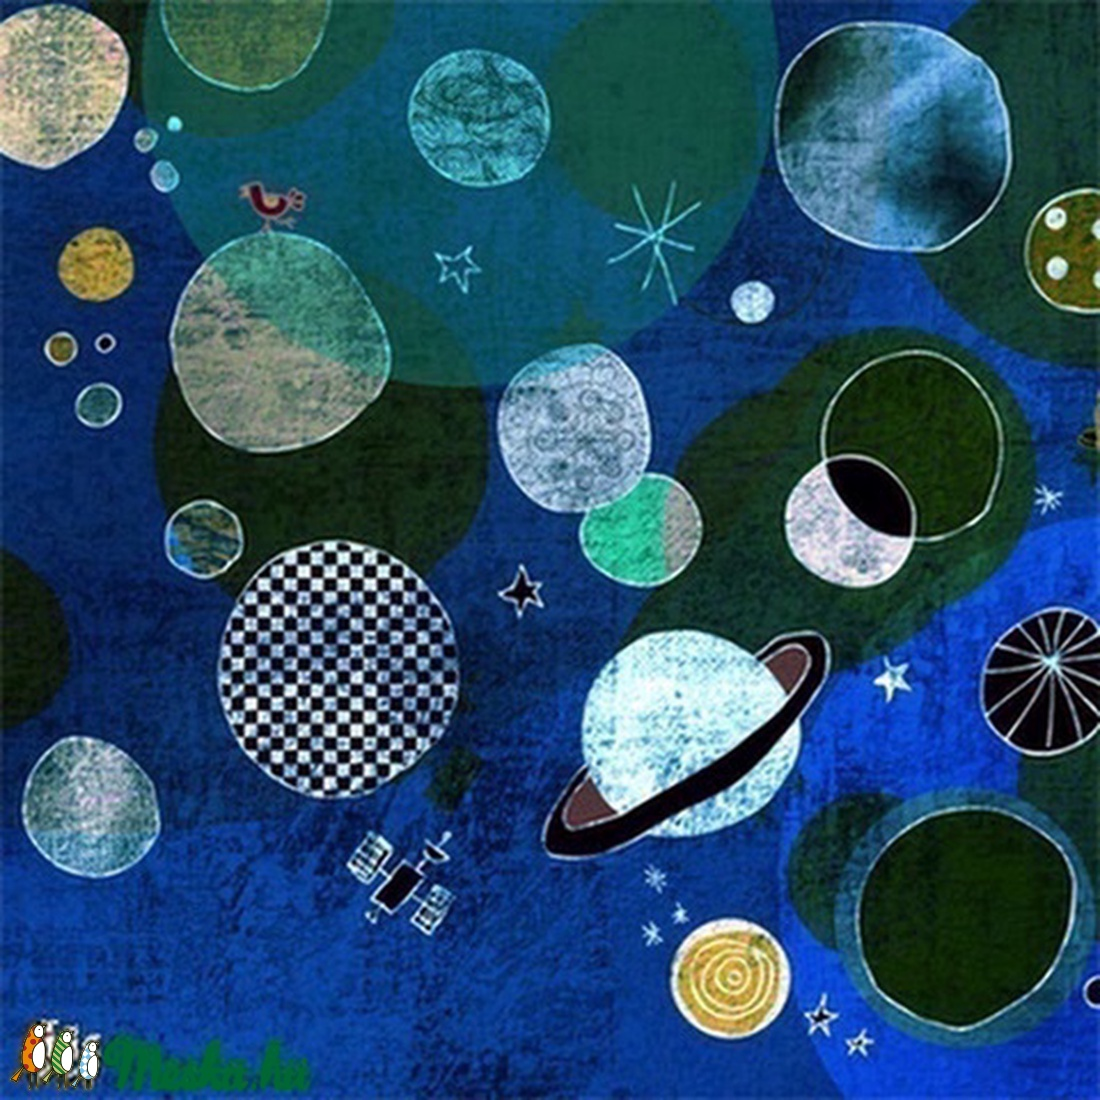 Bolygók - kék nyomat (schalleszter) - Meska.hu